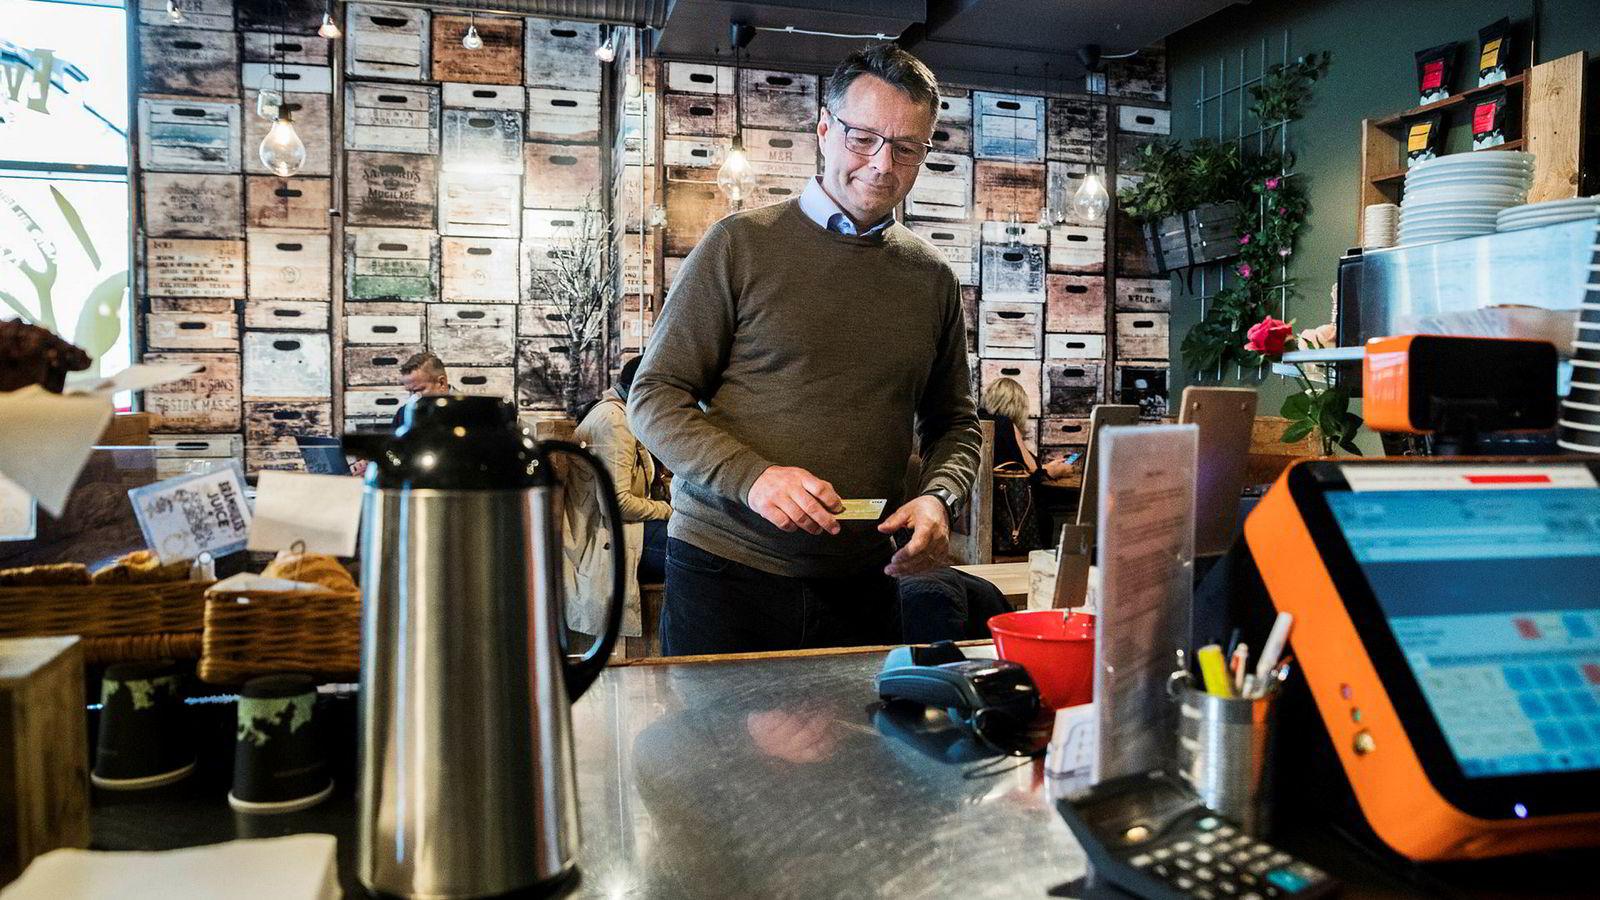 Norgessjef Jens Nes i Visa betaler fortsatt med et vanlig bankkort når han besøker en kafé i Oslo sentrum. I løpet av noen uker tror han Apple Pay er lansert i Norge – så gjenstår det bare at din bank godkjenner den nye appen for bruk til betaling i kassen.